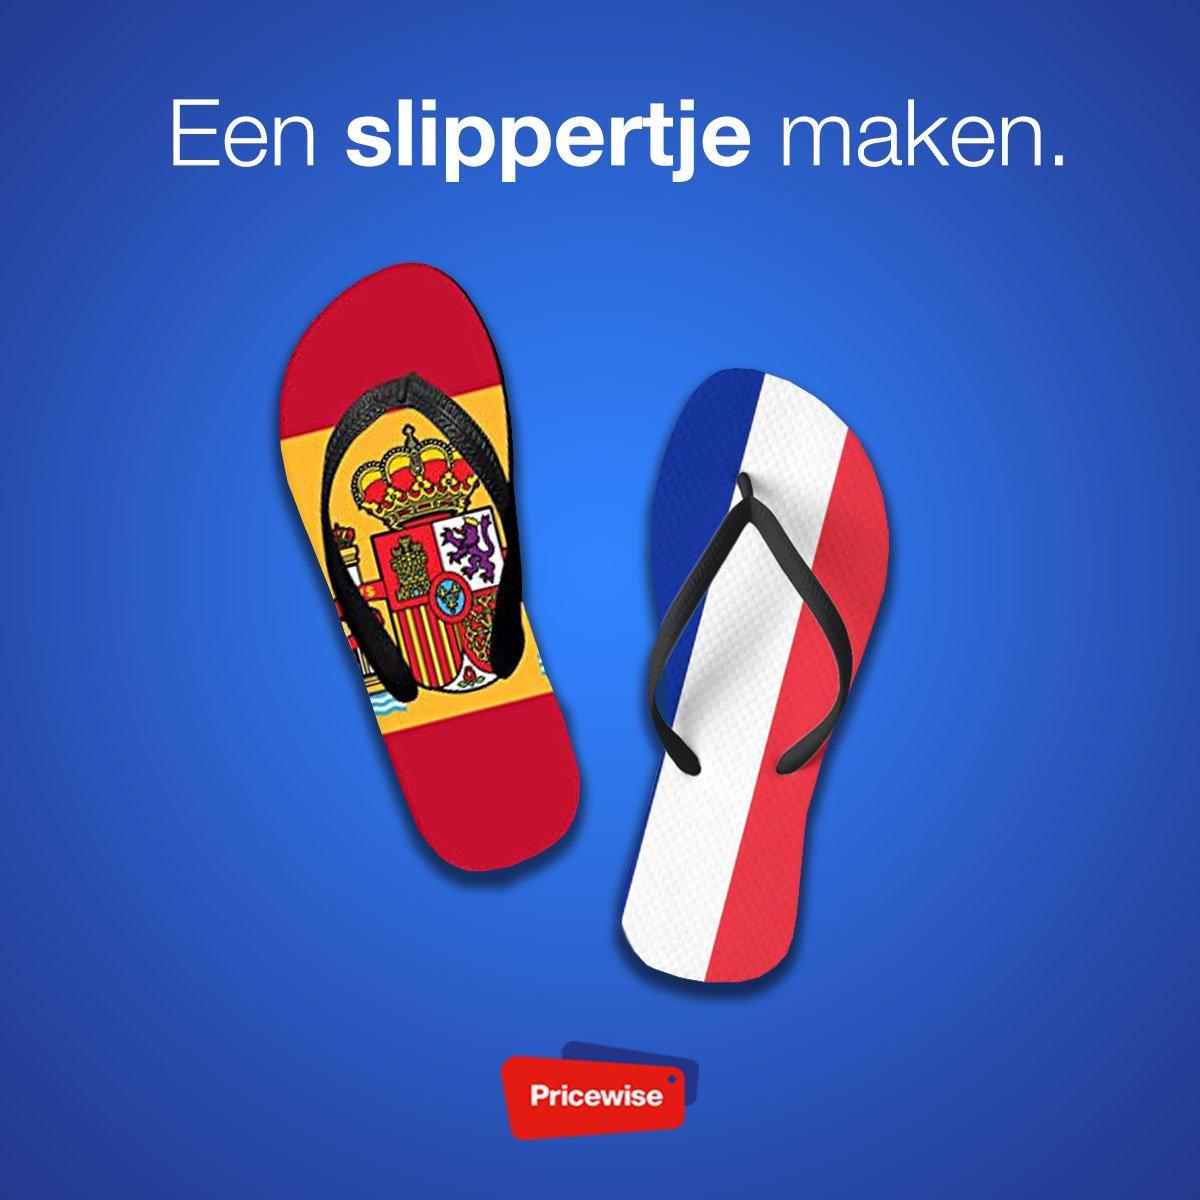 Autorijden met slippers? 🚗 Wij zochten uit of je #verzekerd bent als je op deze manier een #ongeluk veroorzaakt. https://t.co/sXIYpyItCi #auto #vakantie #slippers #spanje #frankrijk #nieuws https://t.co/NLyrvT9nbr